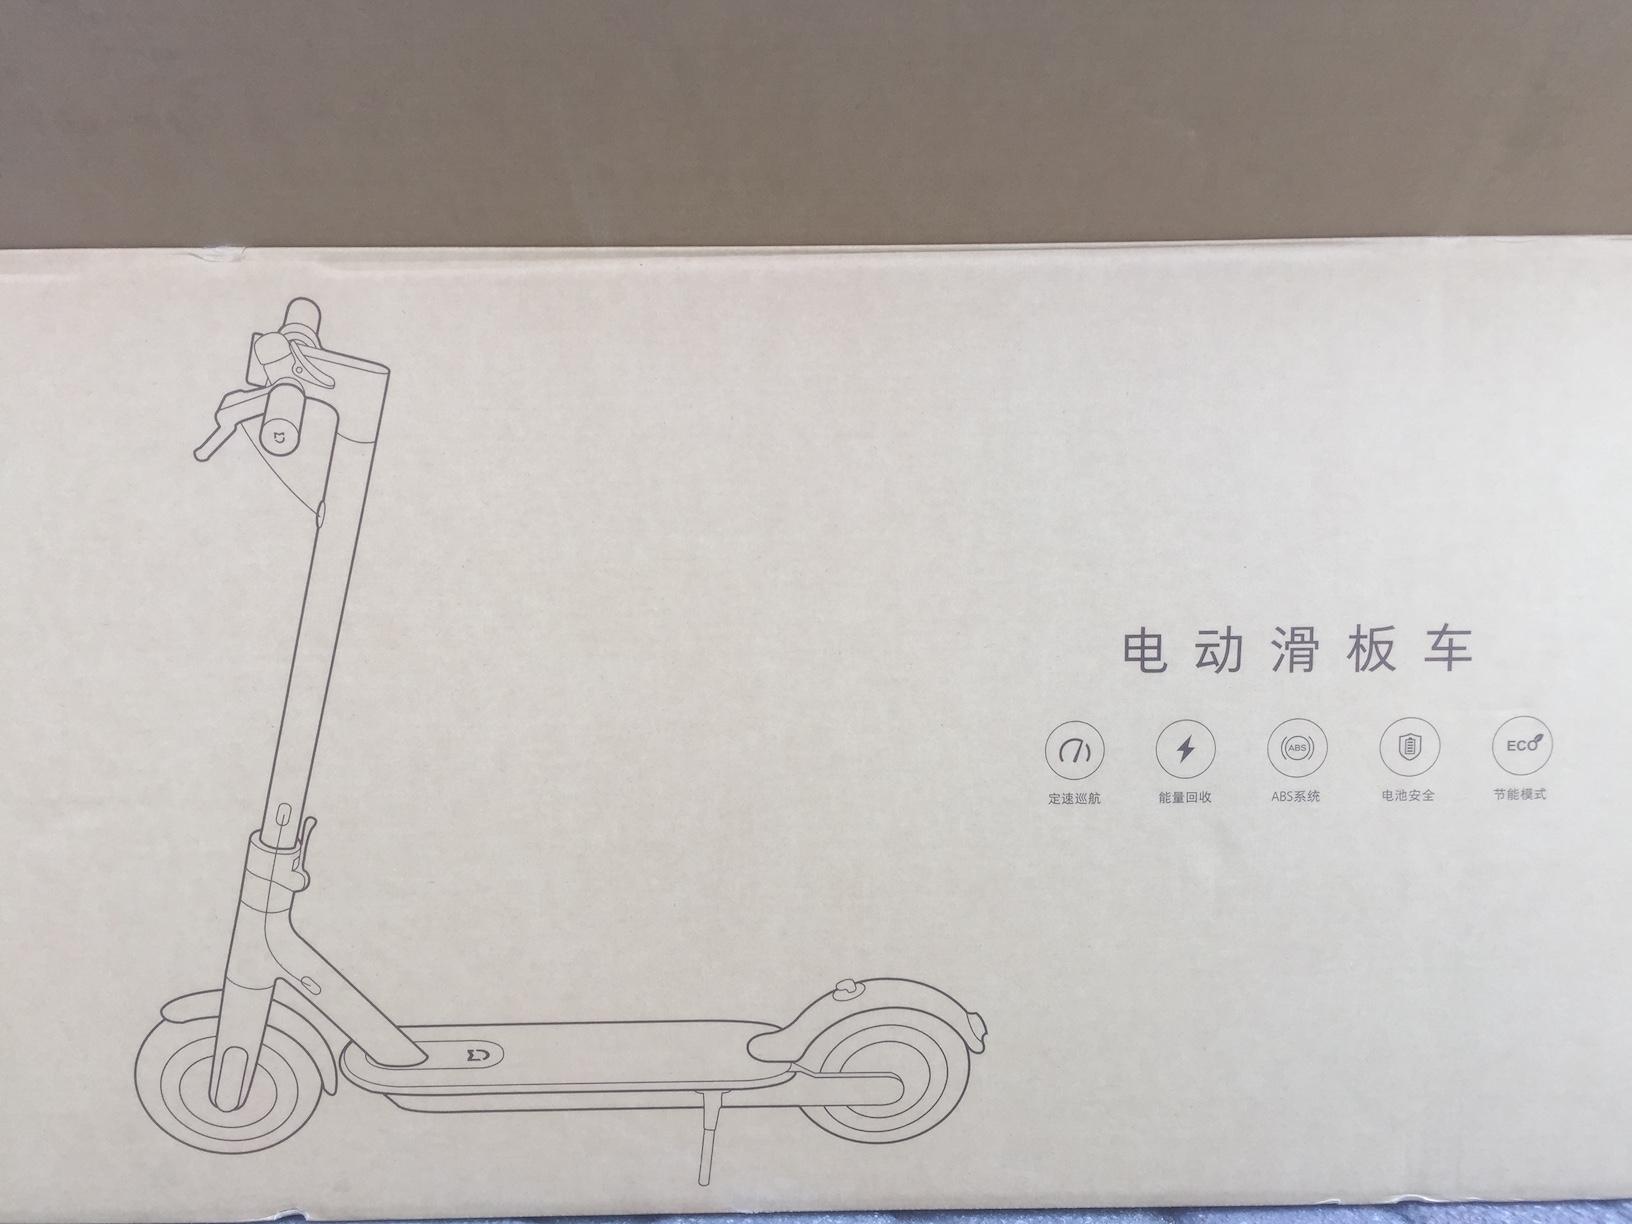 【玩家体验】小米米家电动滑板车测评-Wheelive唯轮网